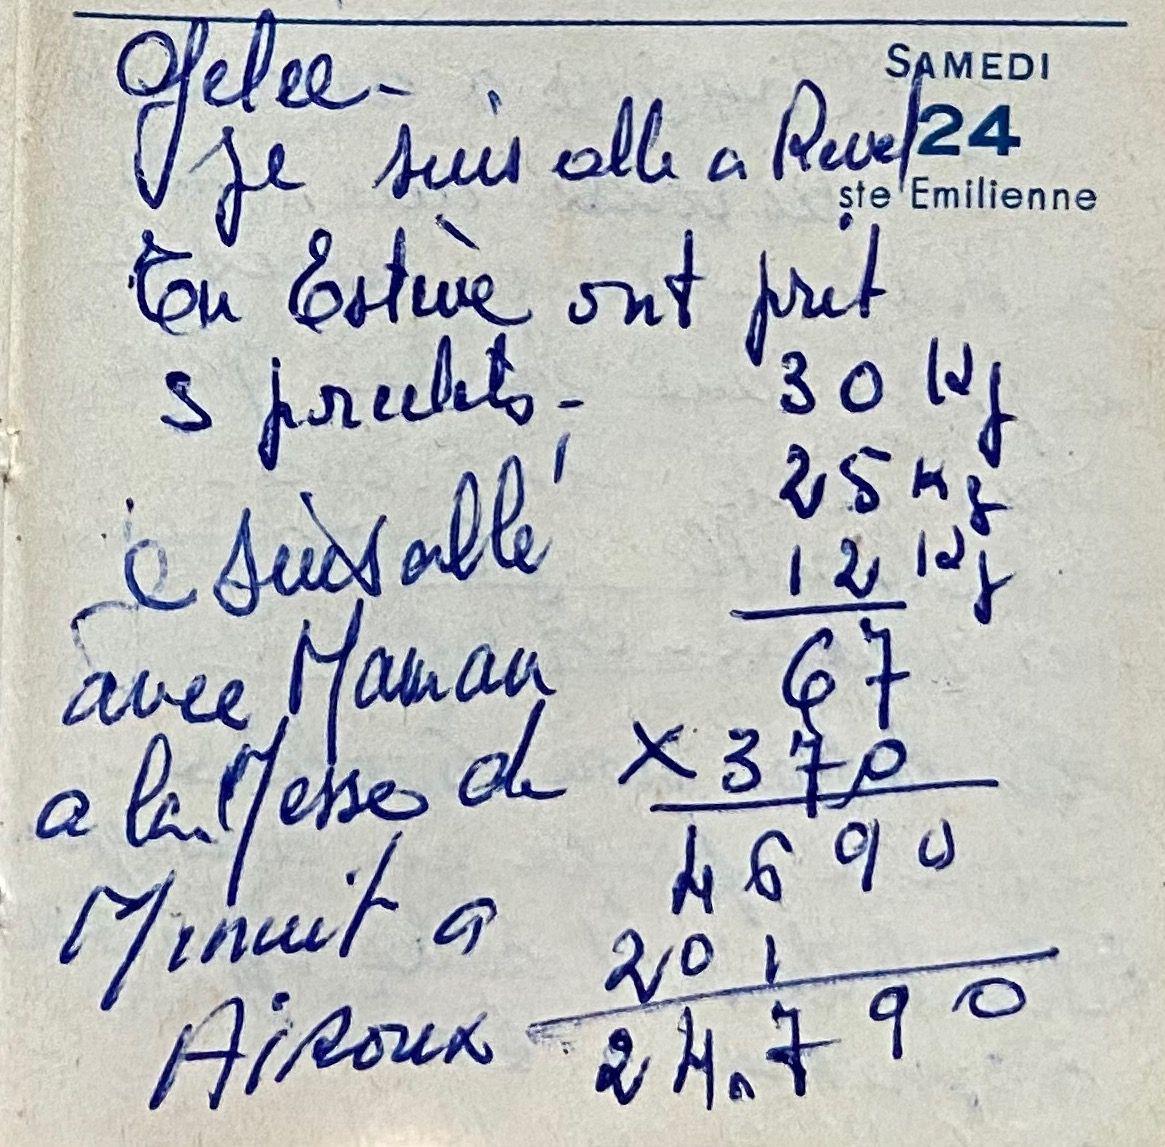 Samedi 24 décembre 1960 - la messe de minuit à Airoux